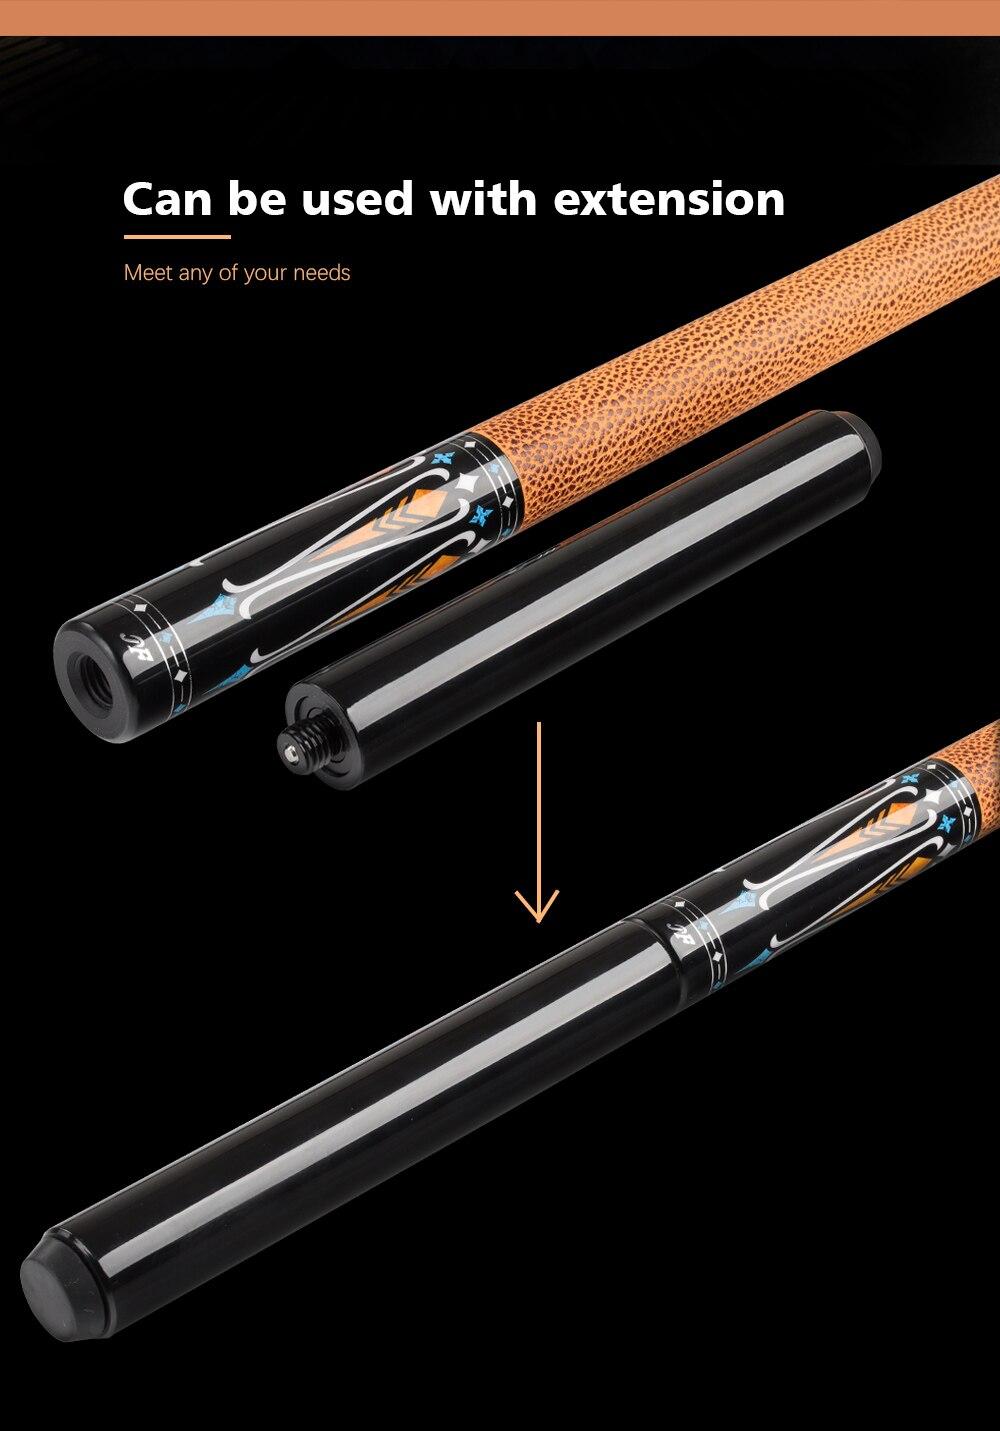 fibra carbono piscina cue eixo 12.5mm kit